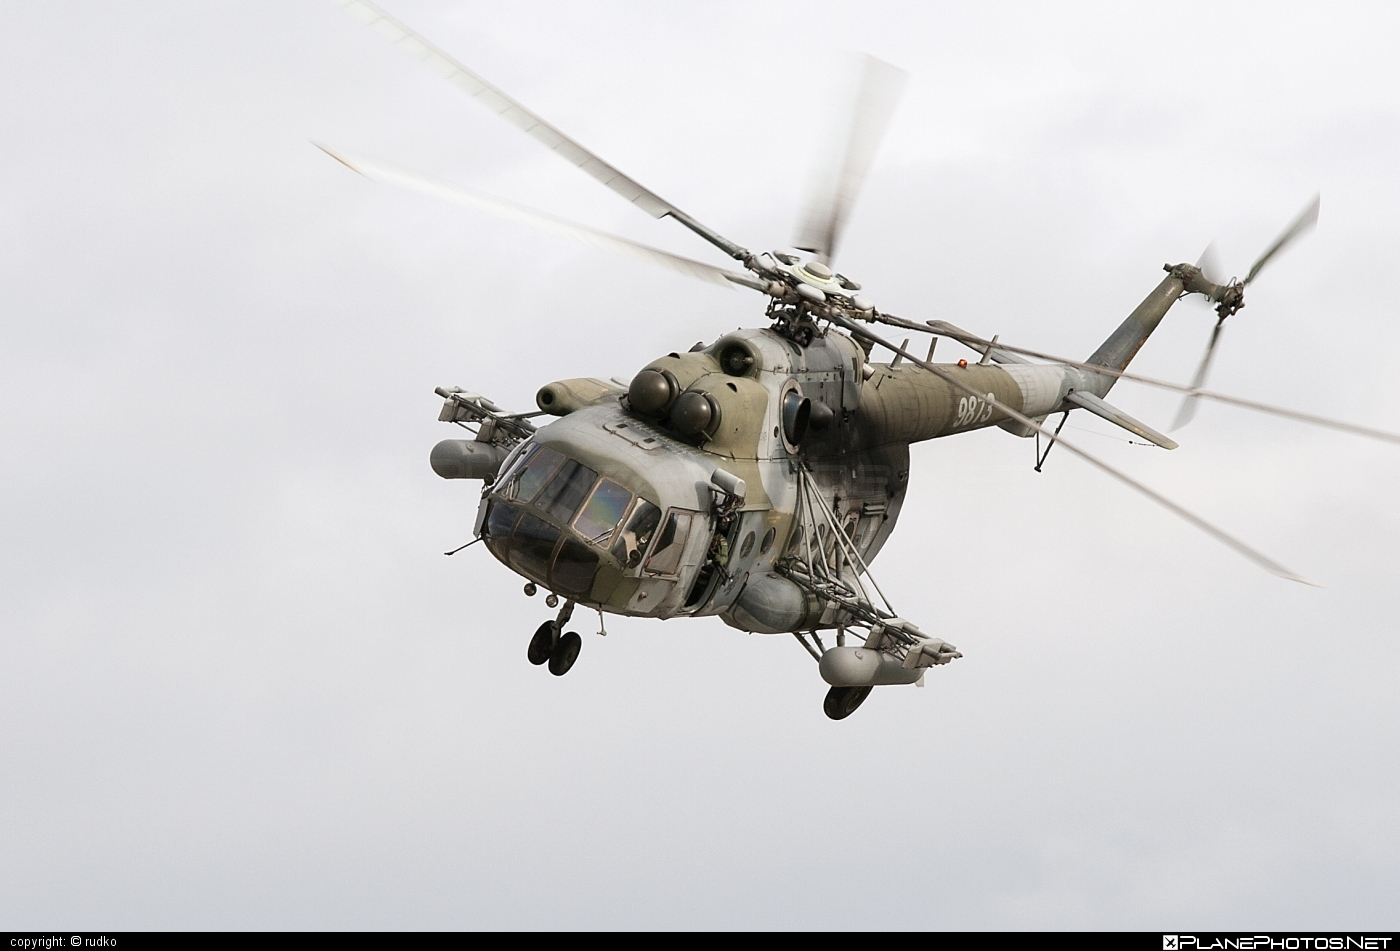 Vzdušné síly AČR (Czech Air Force) Mil Mi-171Sh - 9873 #czechairforce #mi171 #mi171sh #mil #mil171 #milhelicopters #natodays #natodays2012 #vzdusnesilyacr